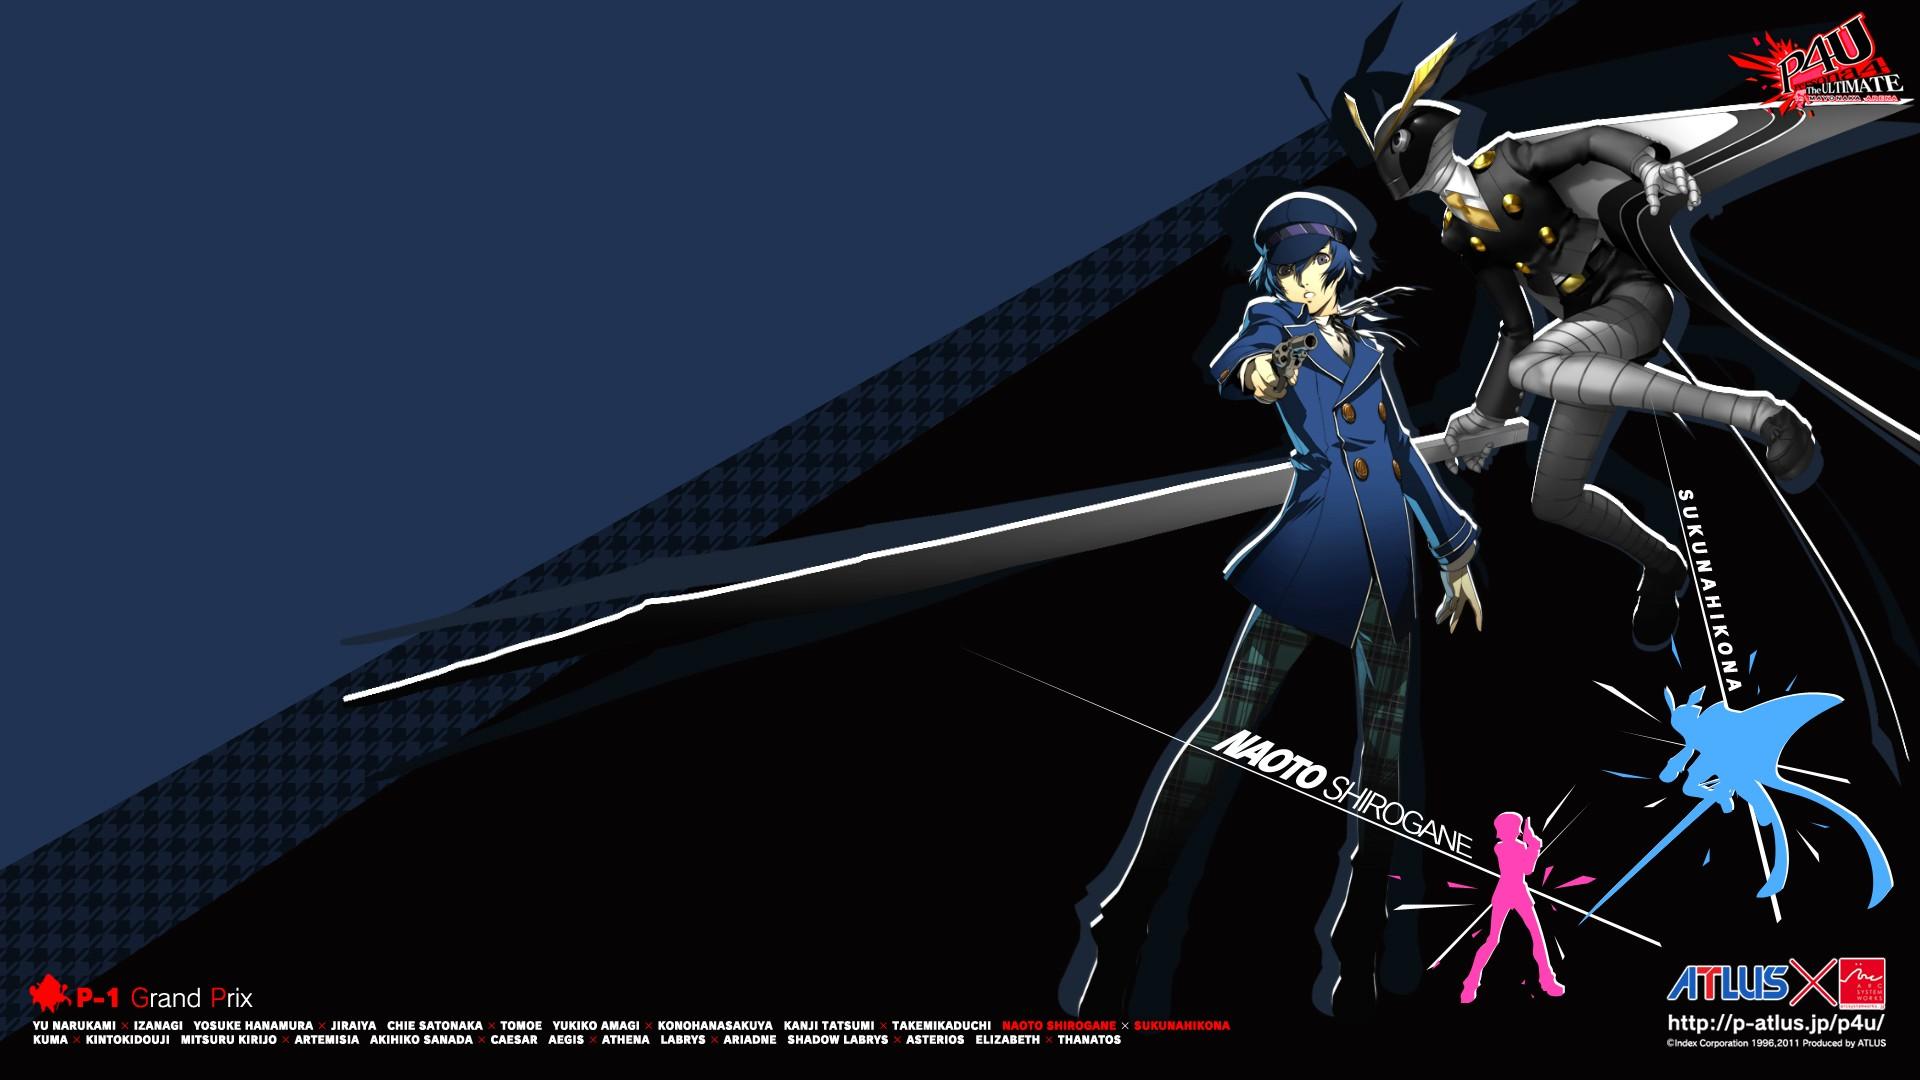 Persona Arena Wallpaper 19 Fav Persona 4 The Ultimate